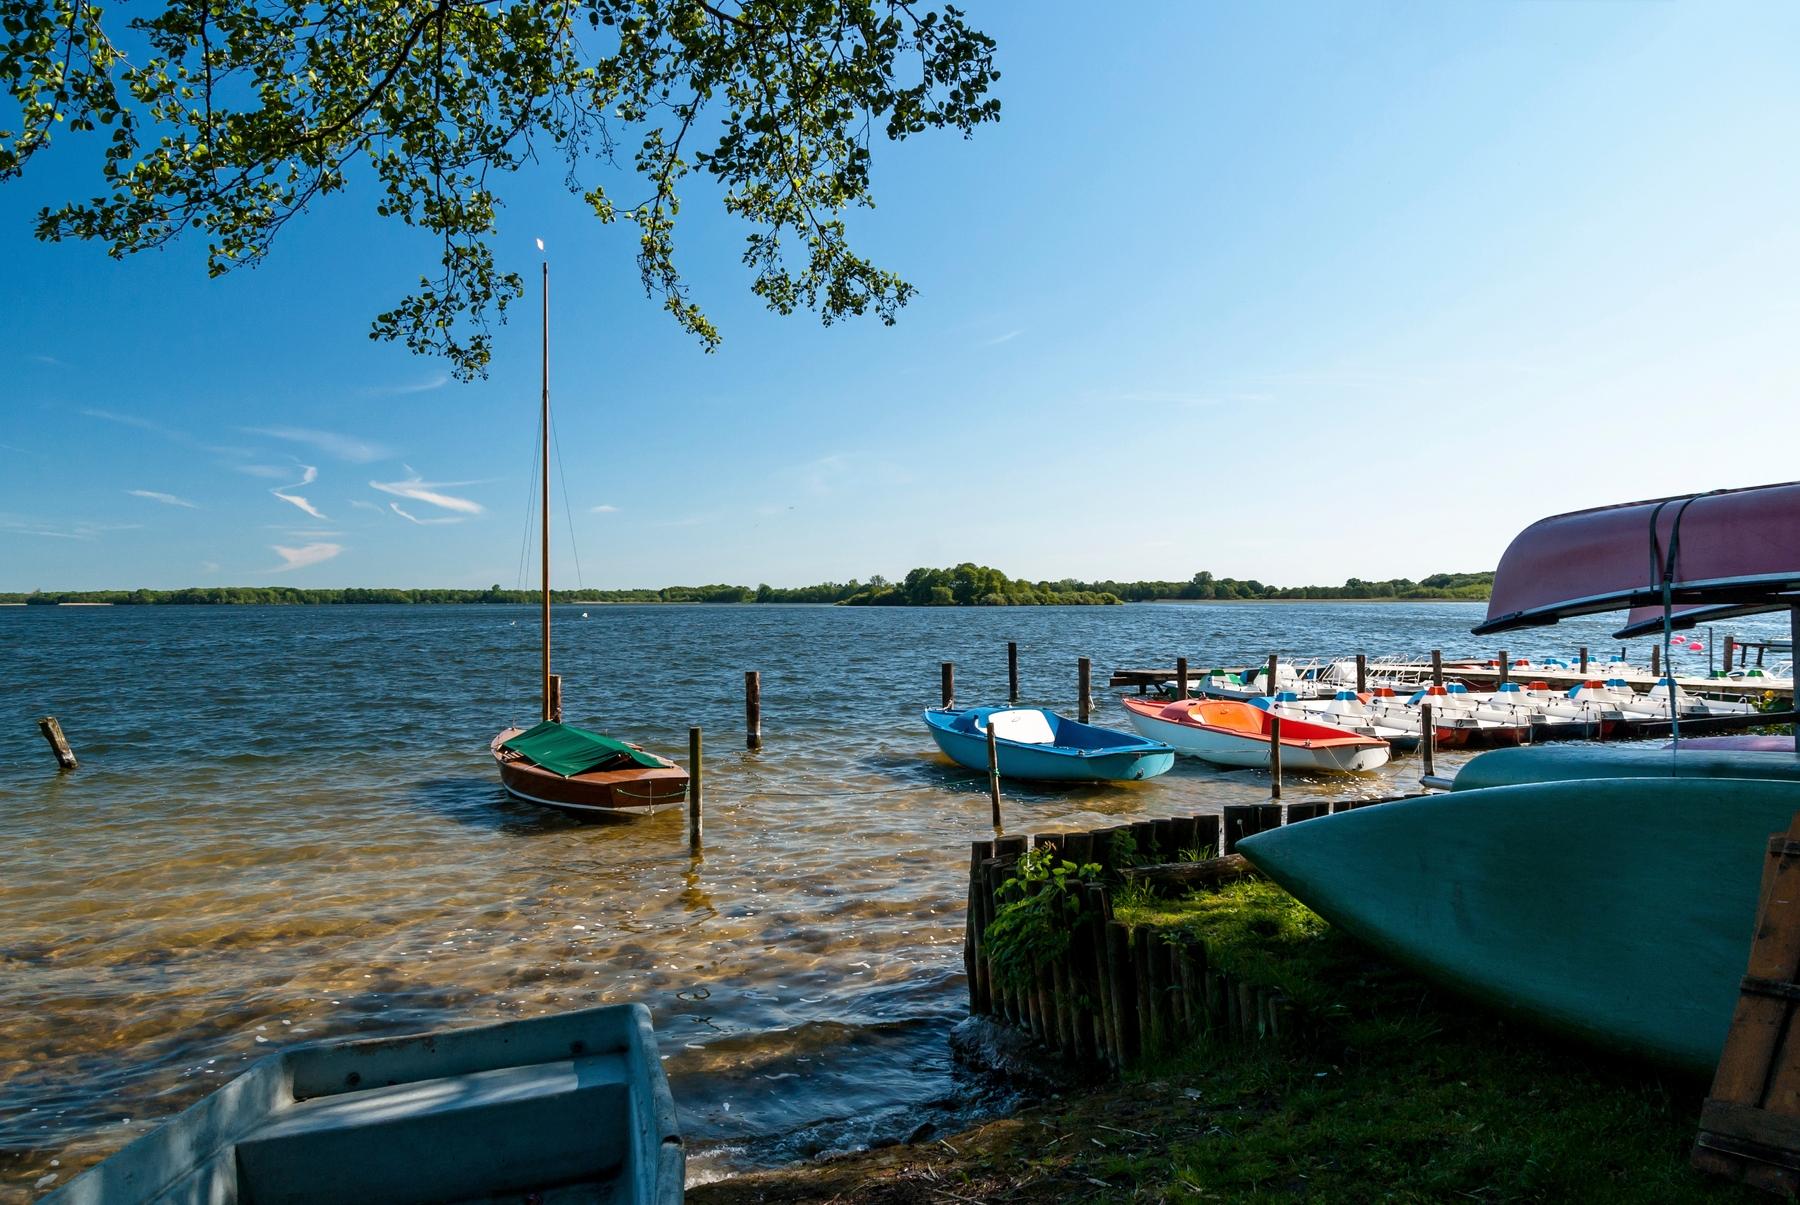 Die schönsten Seen und Badeseen in Deutschland: Schaalsee in Schleswig-Holstein & Mecklenburg-Vorpommern